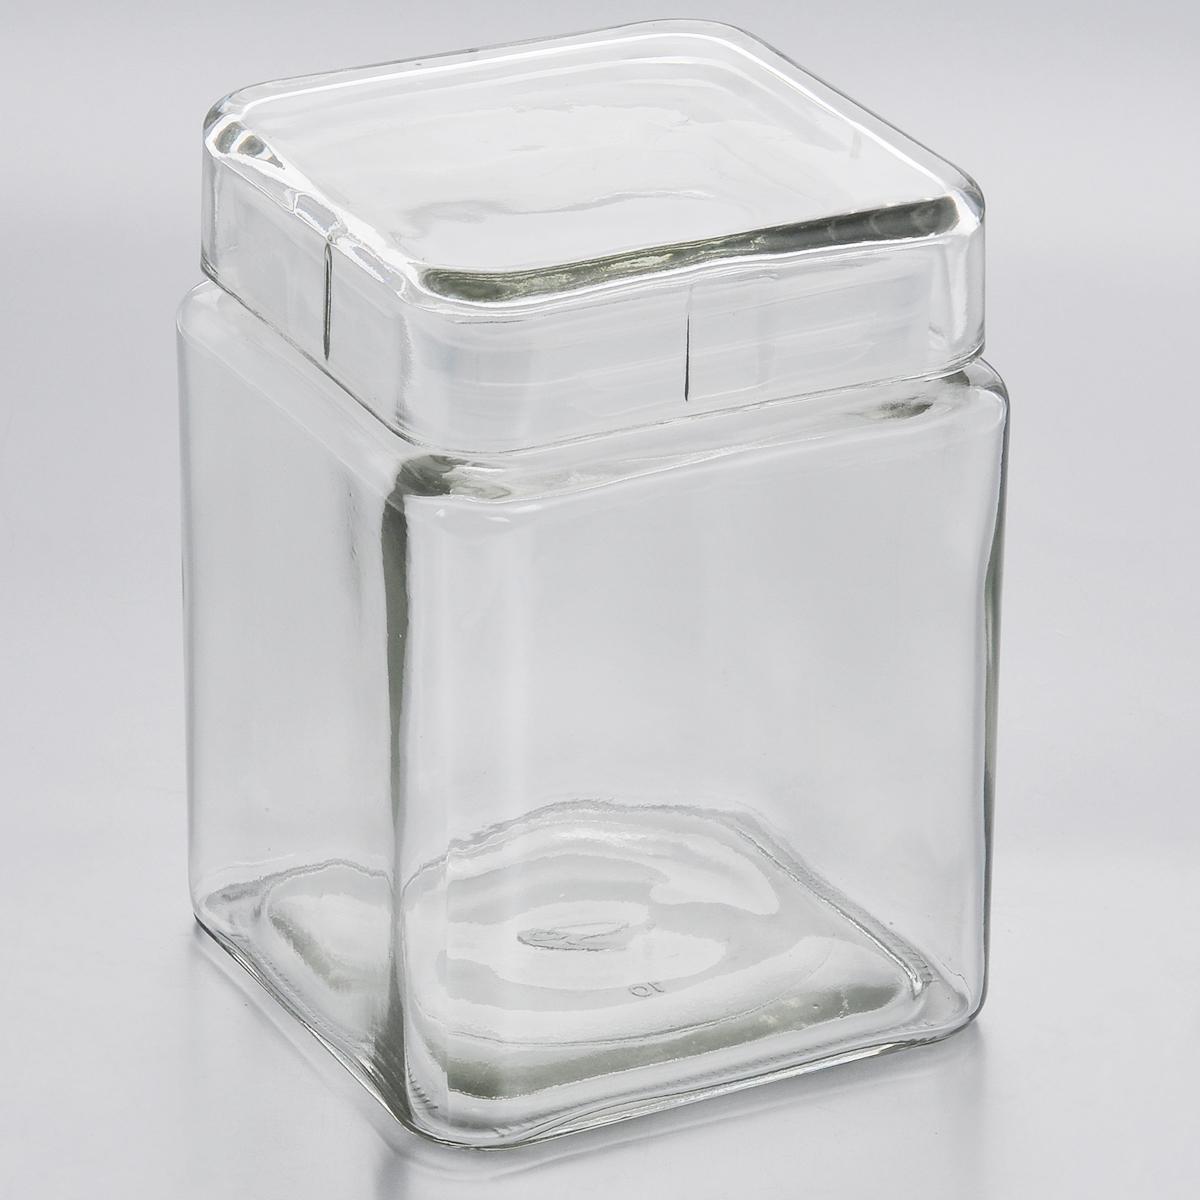 Емкость для хранения Esprado Cristella, 1240 млM3055Емкость для хранения Esprado Cristella изготовлена из качественного прозрачного стекла,отполированного до идеального блеска и гладкости. Изделие имеет квадратную форму. Стеклотермостойкое, что позволяет использовать емкость Esprado при различных температурах (от -15° С до +100°С). Это делает ее функциональным и универсальным кухонным аксессуаром. Емкостьочень вместительна, поэтому прекрасно подходит для хранения круп, макарон, кофе, орехов,специй и других сыпучих продуктов. Крышка плотно закрывается и легко открывается благодарясиликоновой прослойке. Это обеспечивает герметичность и дольше сохраняет продуктысвежими. Благодаря различным дизайнерским решениям такая емкость дополнит и украсит интерьерлюбой кухни.Емкости для хранения из коллекции Cristella разработаны на основе эргономичных дизайнерскихрешений, которые позволяют максимально эффективно и рационально использовать кухонныеповерхности. Благодаря универсальному внешнему виду, они будут привлекательно смотреться винтерьере любой кухни.Емкости для хранения незаменимы на кухне: они помогают сохранить свежесть продуктов,защищают от попадания излишней влаги и позволяют эффективно использовать ограниченноекухонное пространство.Не использовать в духовом шкафу, микроволновой печи и посудомоечной машине.